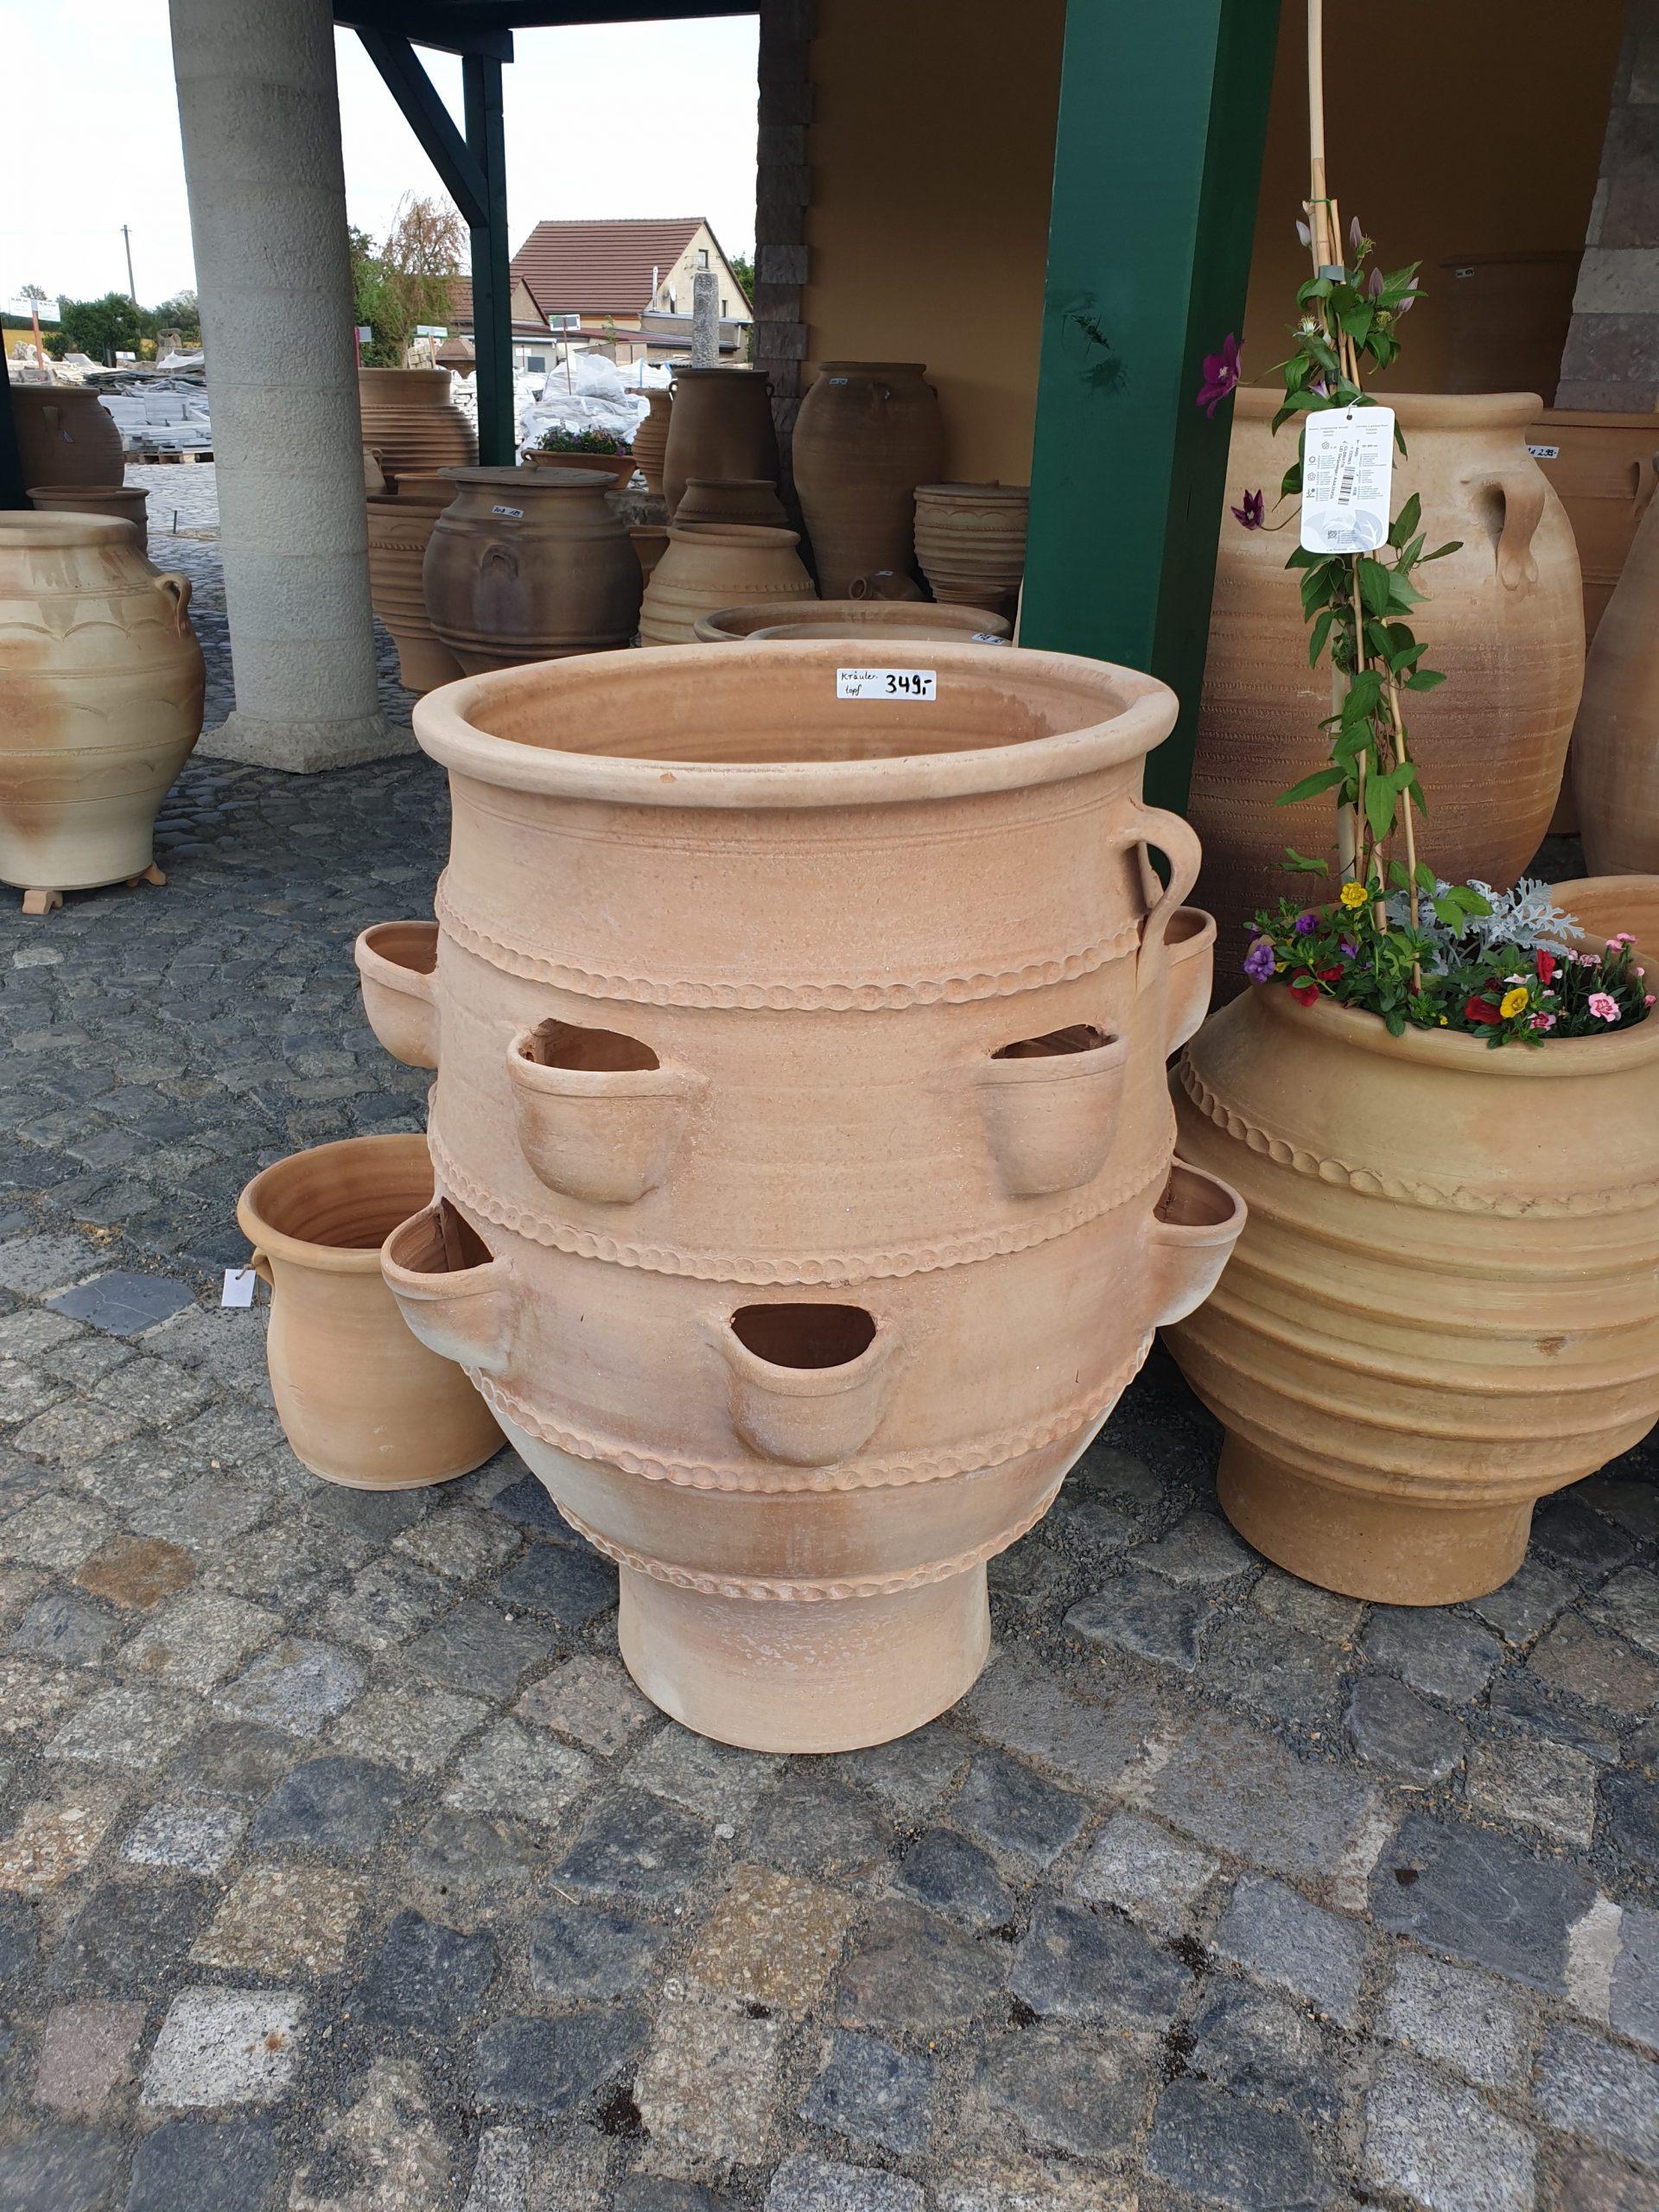 Full Size of Kräutertopf Krutertopf Pflanztopf Keramik Naturstein Centrum Lpm Küche Wohnzimmer Kräutertopf